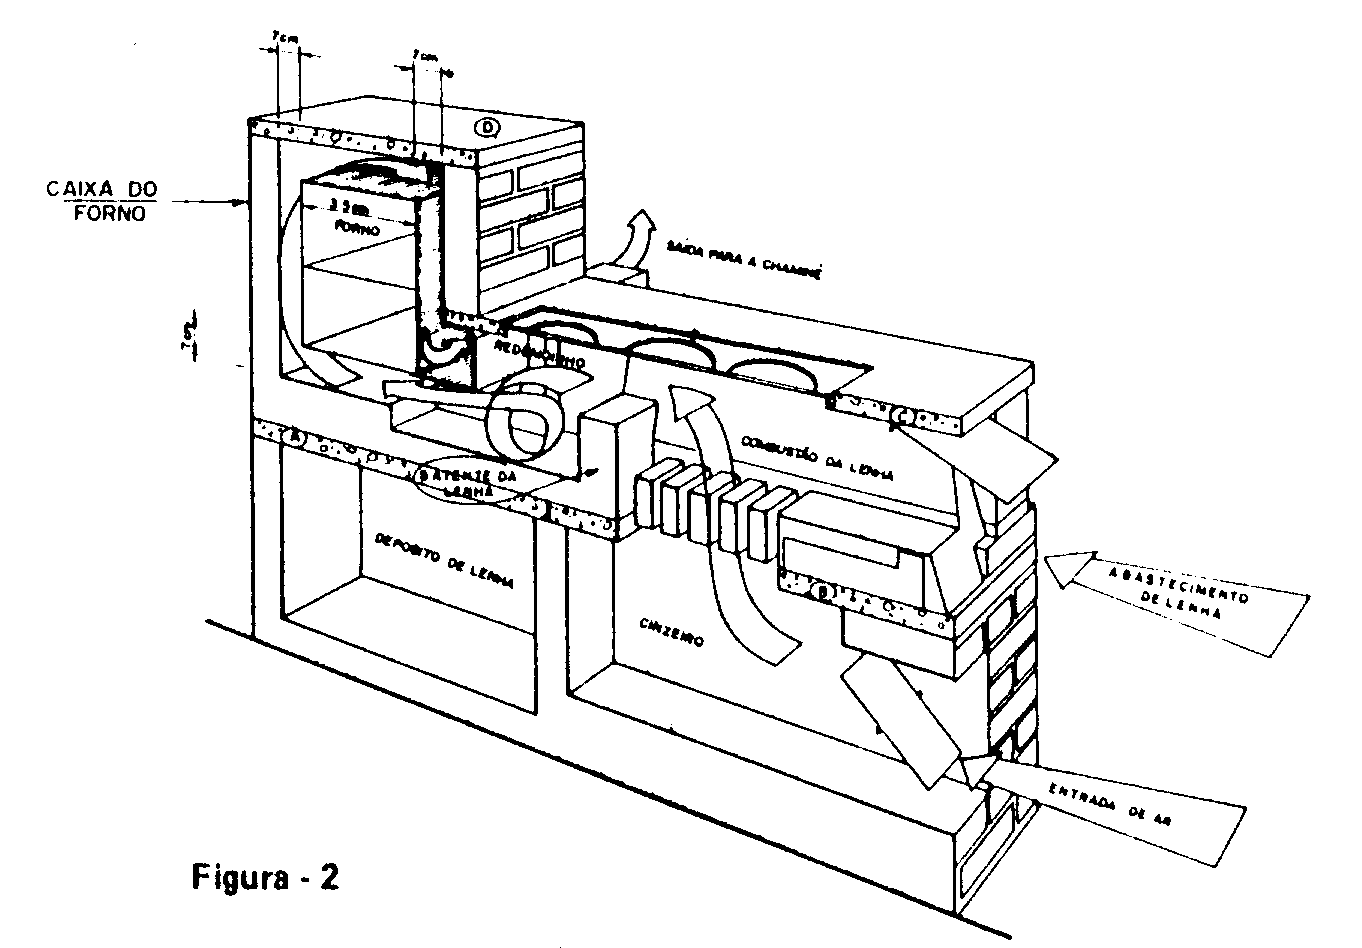 Fogão de Lenha com Projeto da Internet: Construir um Fogão de Lenha  #2B2B2B 1362 948